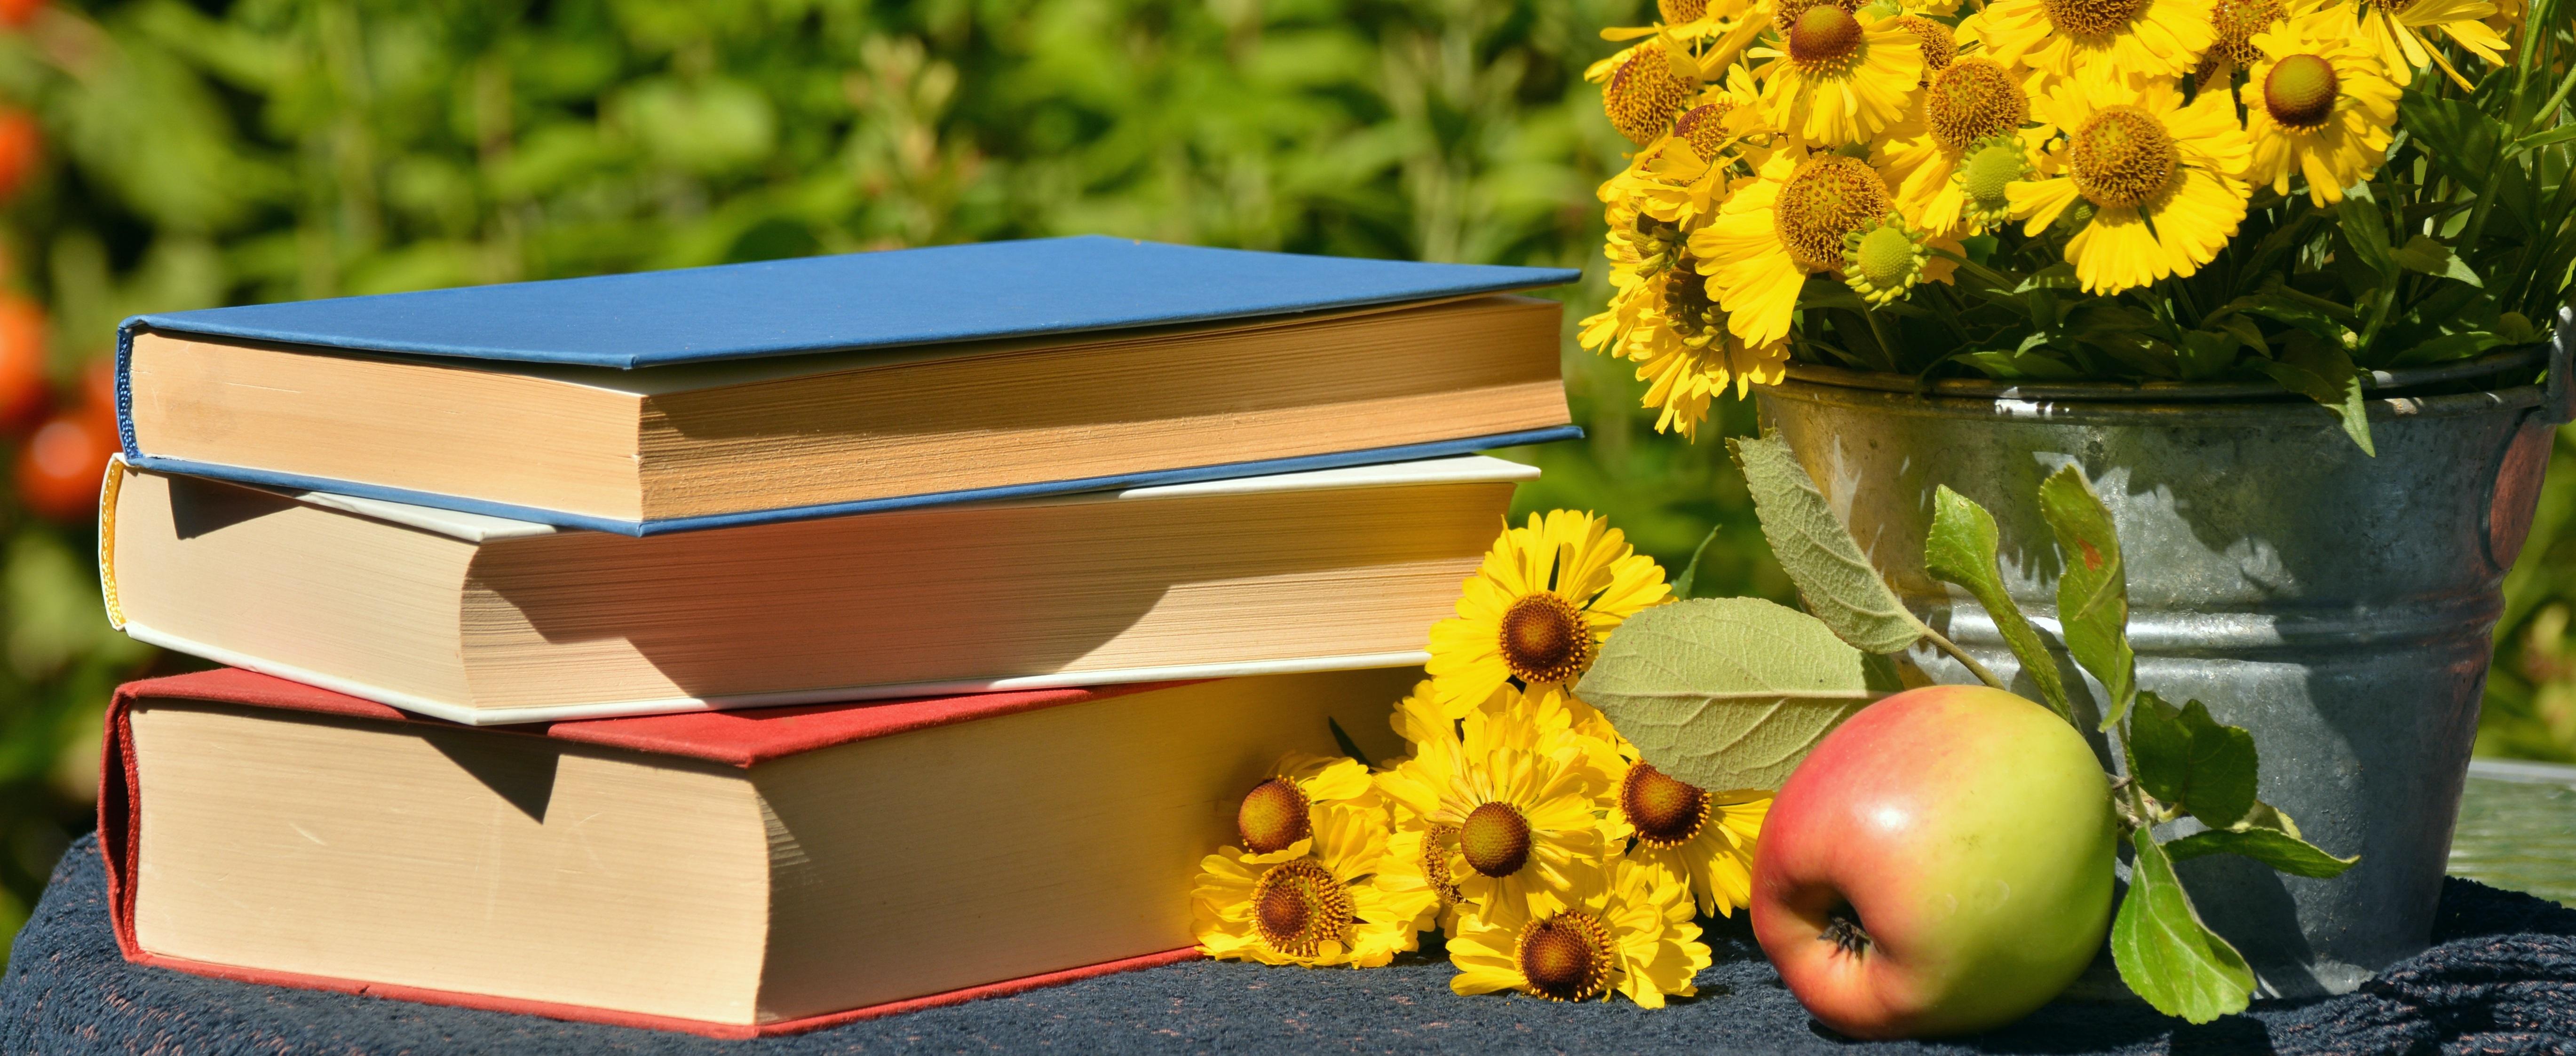 Bücher_Blumen WebnewsBlog Beitrag Katrin von Mengden Breucker